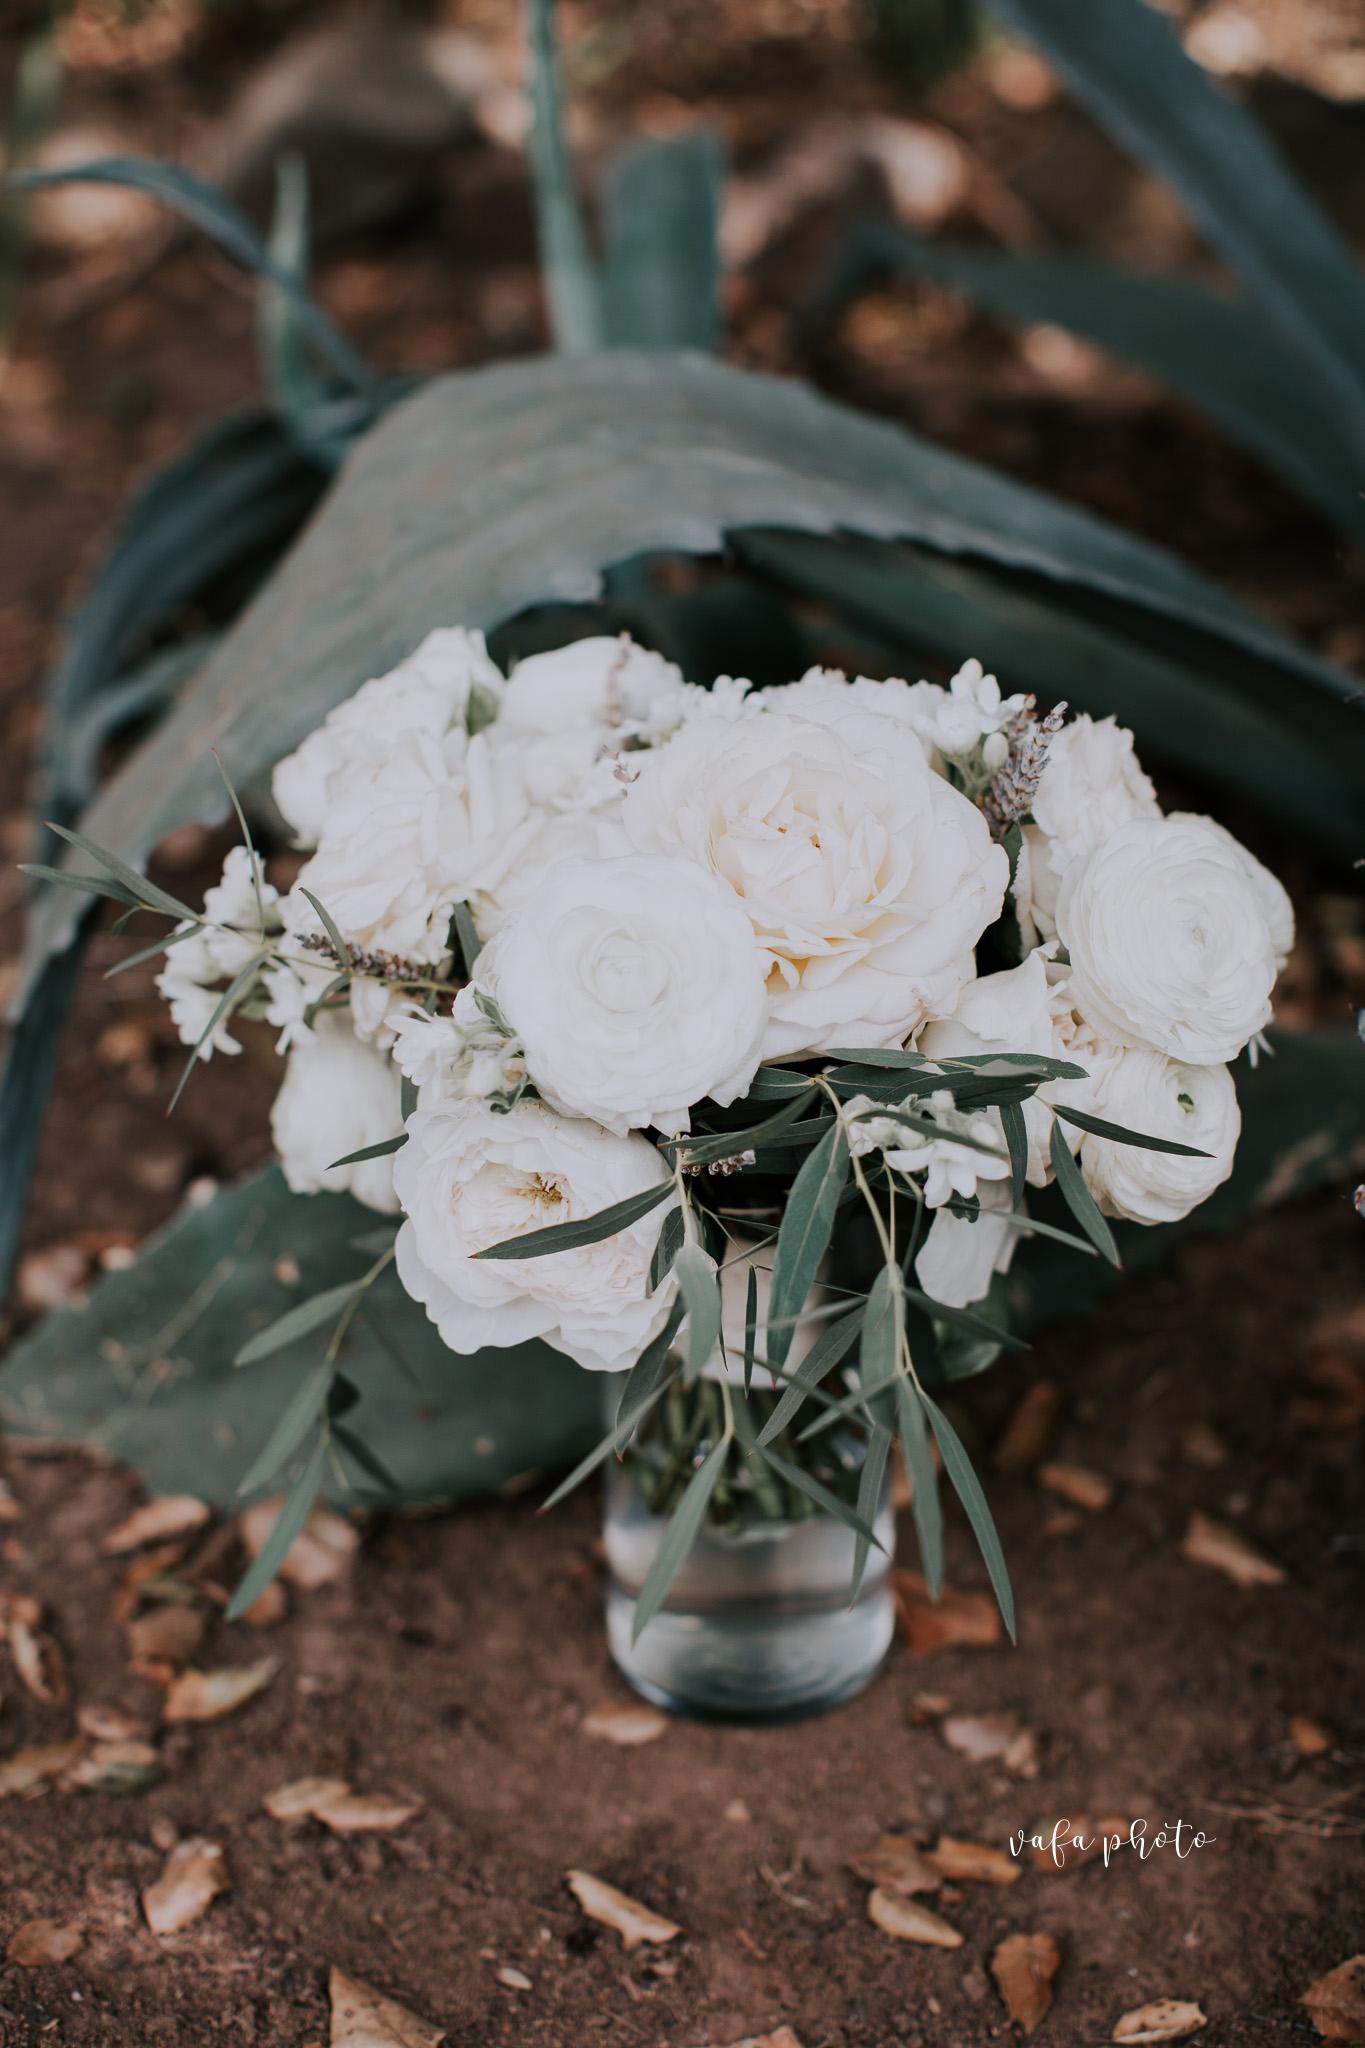 Southern-California-Wedding-Britt-Nilsson-Jeremy-Byrne-Vafa-Photo-14.jpg